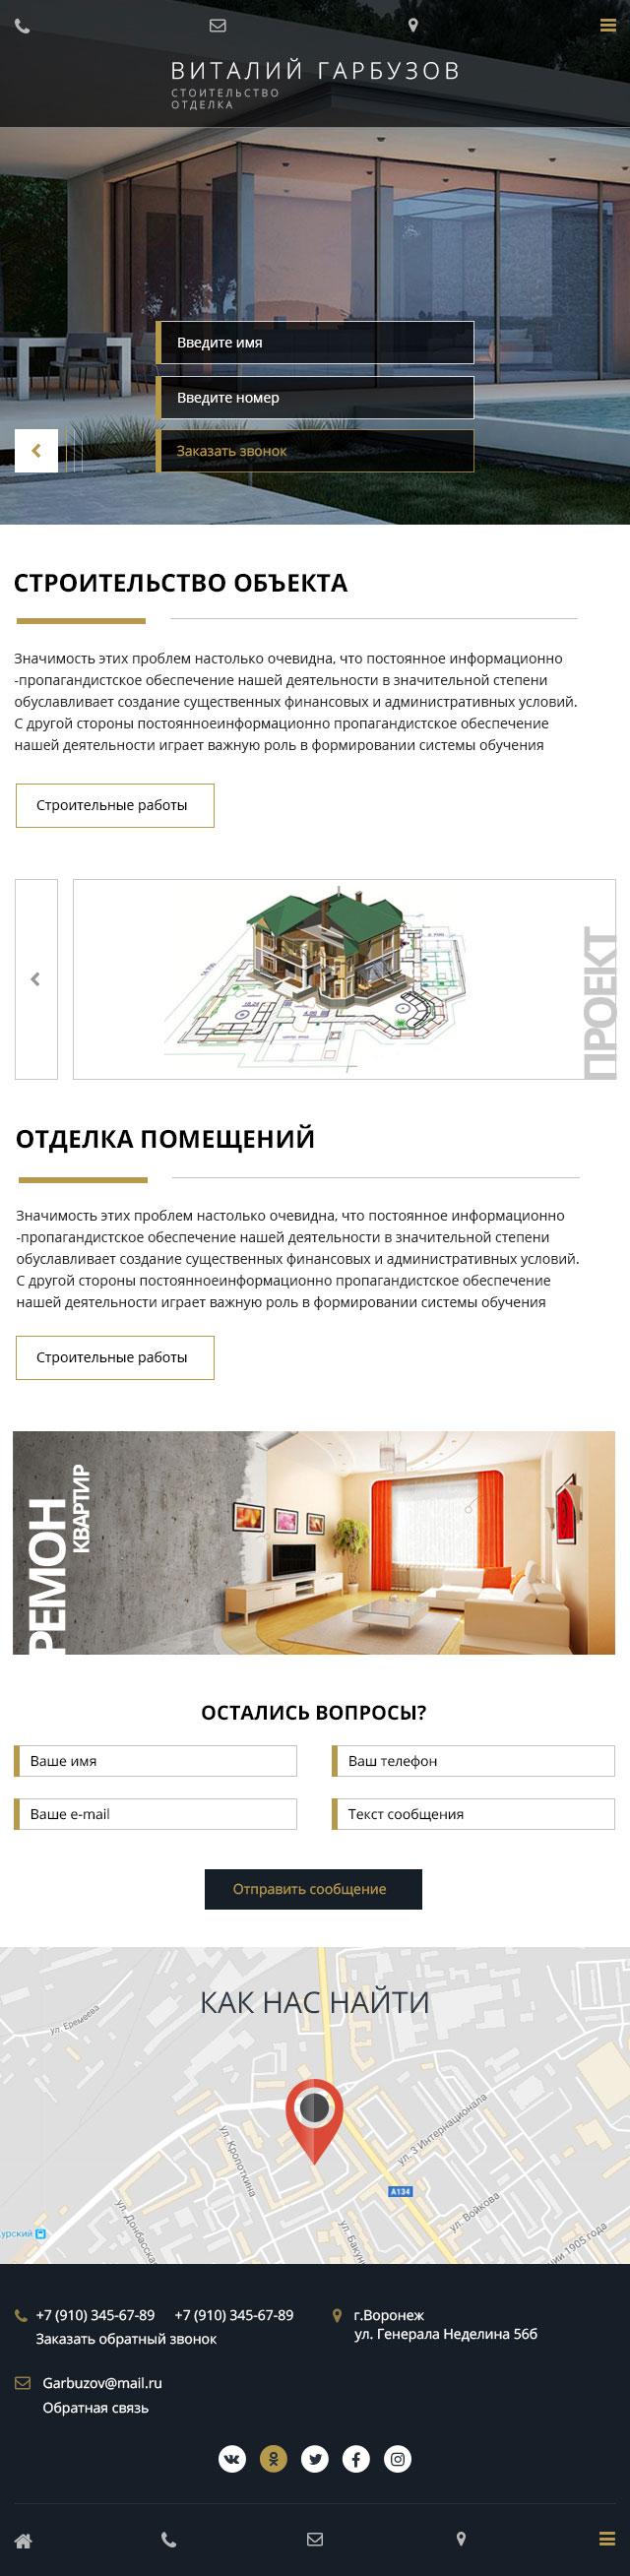 Виталий Гарбузов 640 px